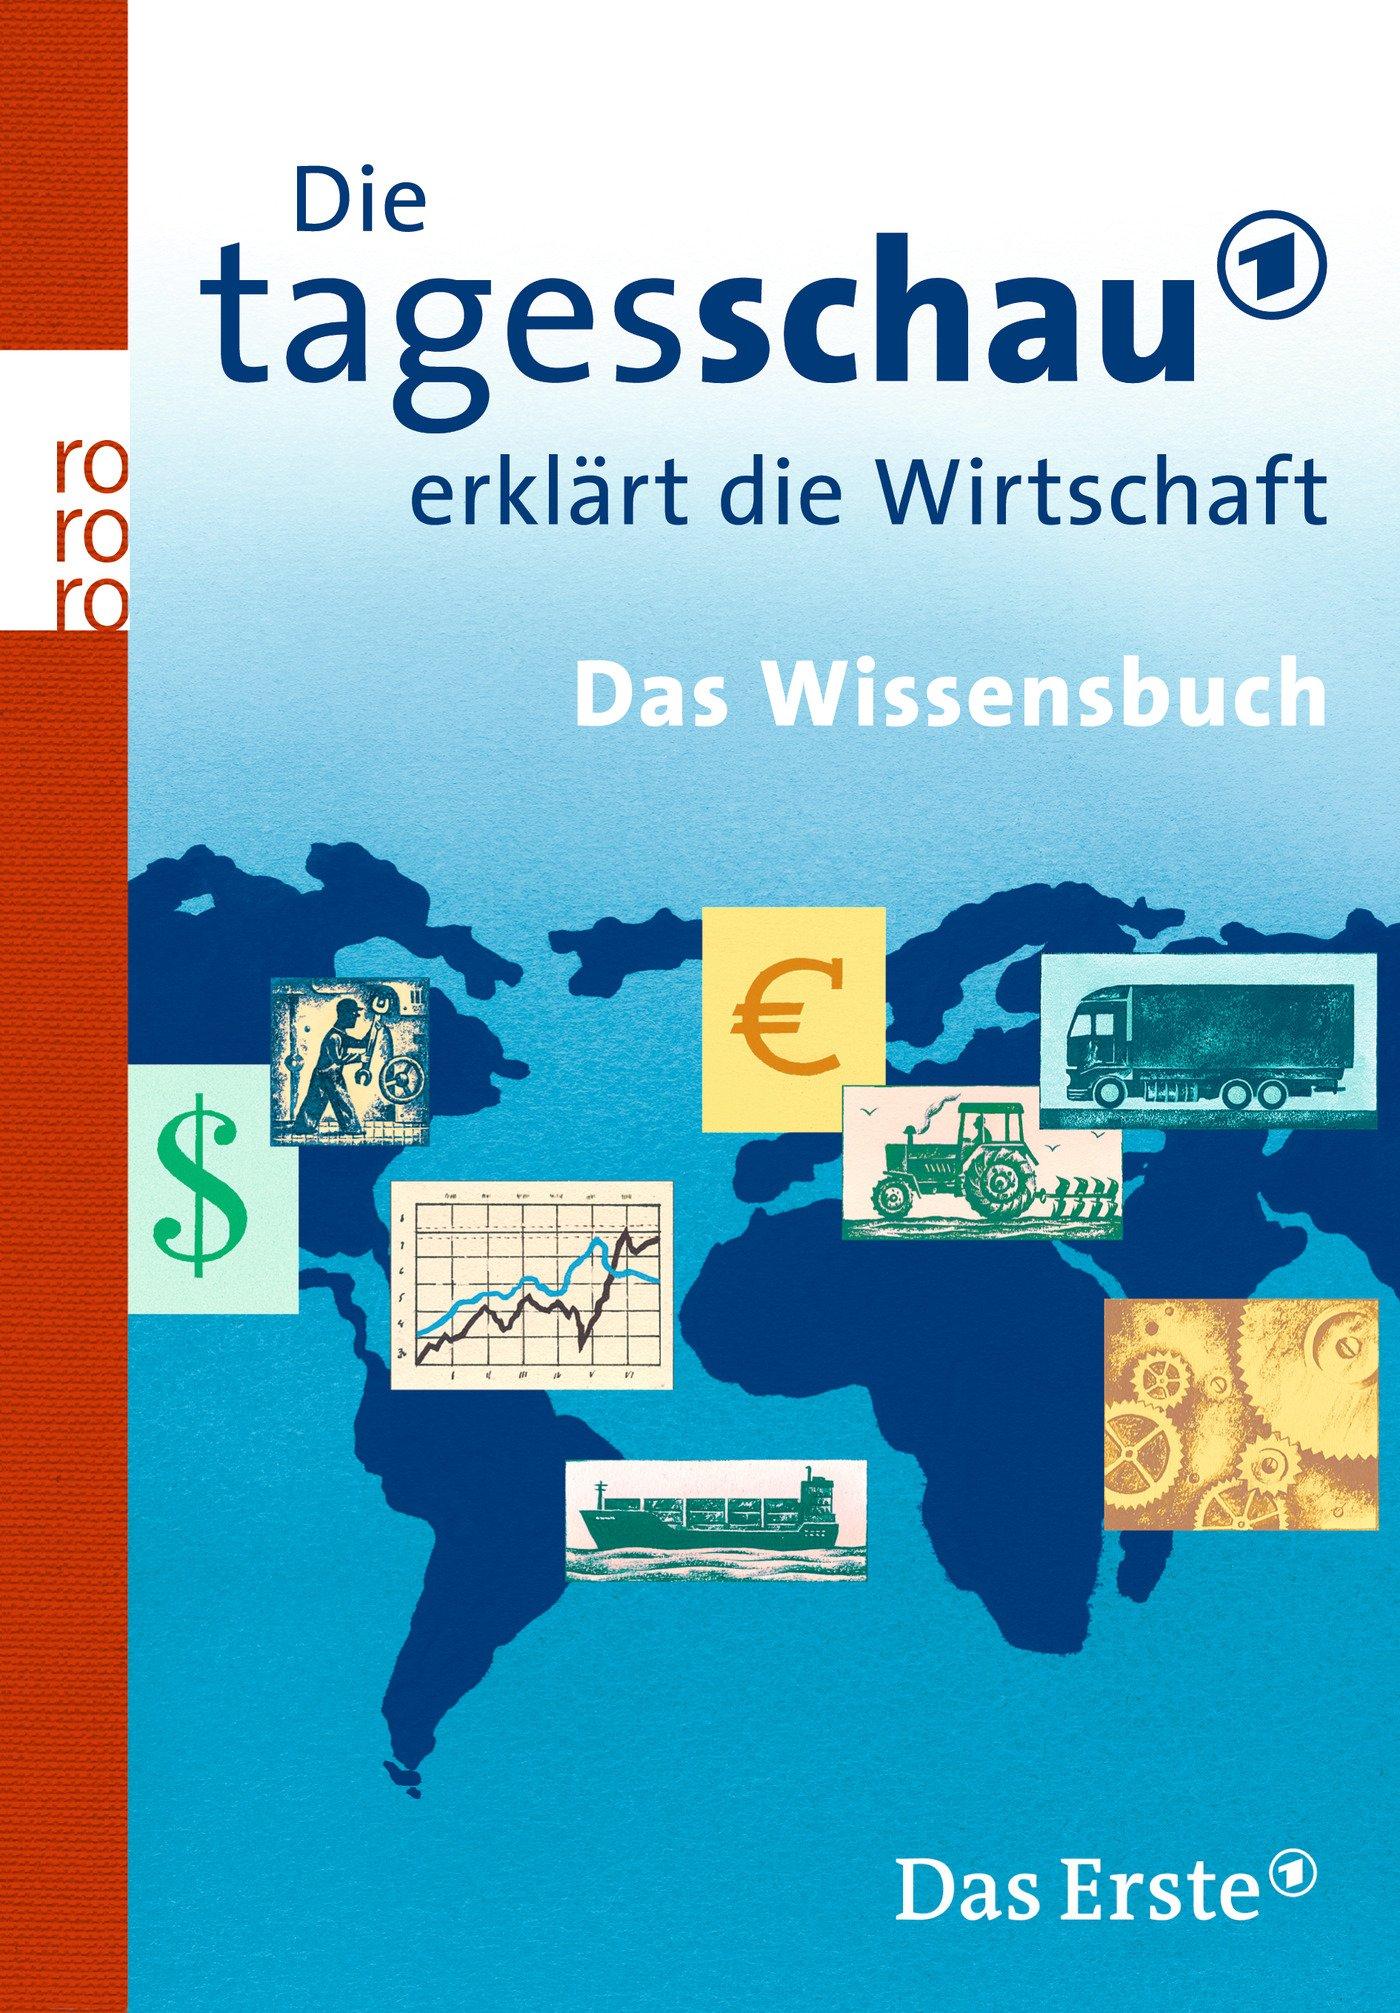 Die Tagesschau erklärt die Wirtschaft: Das Wissensbuch